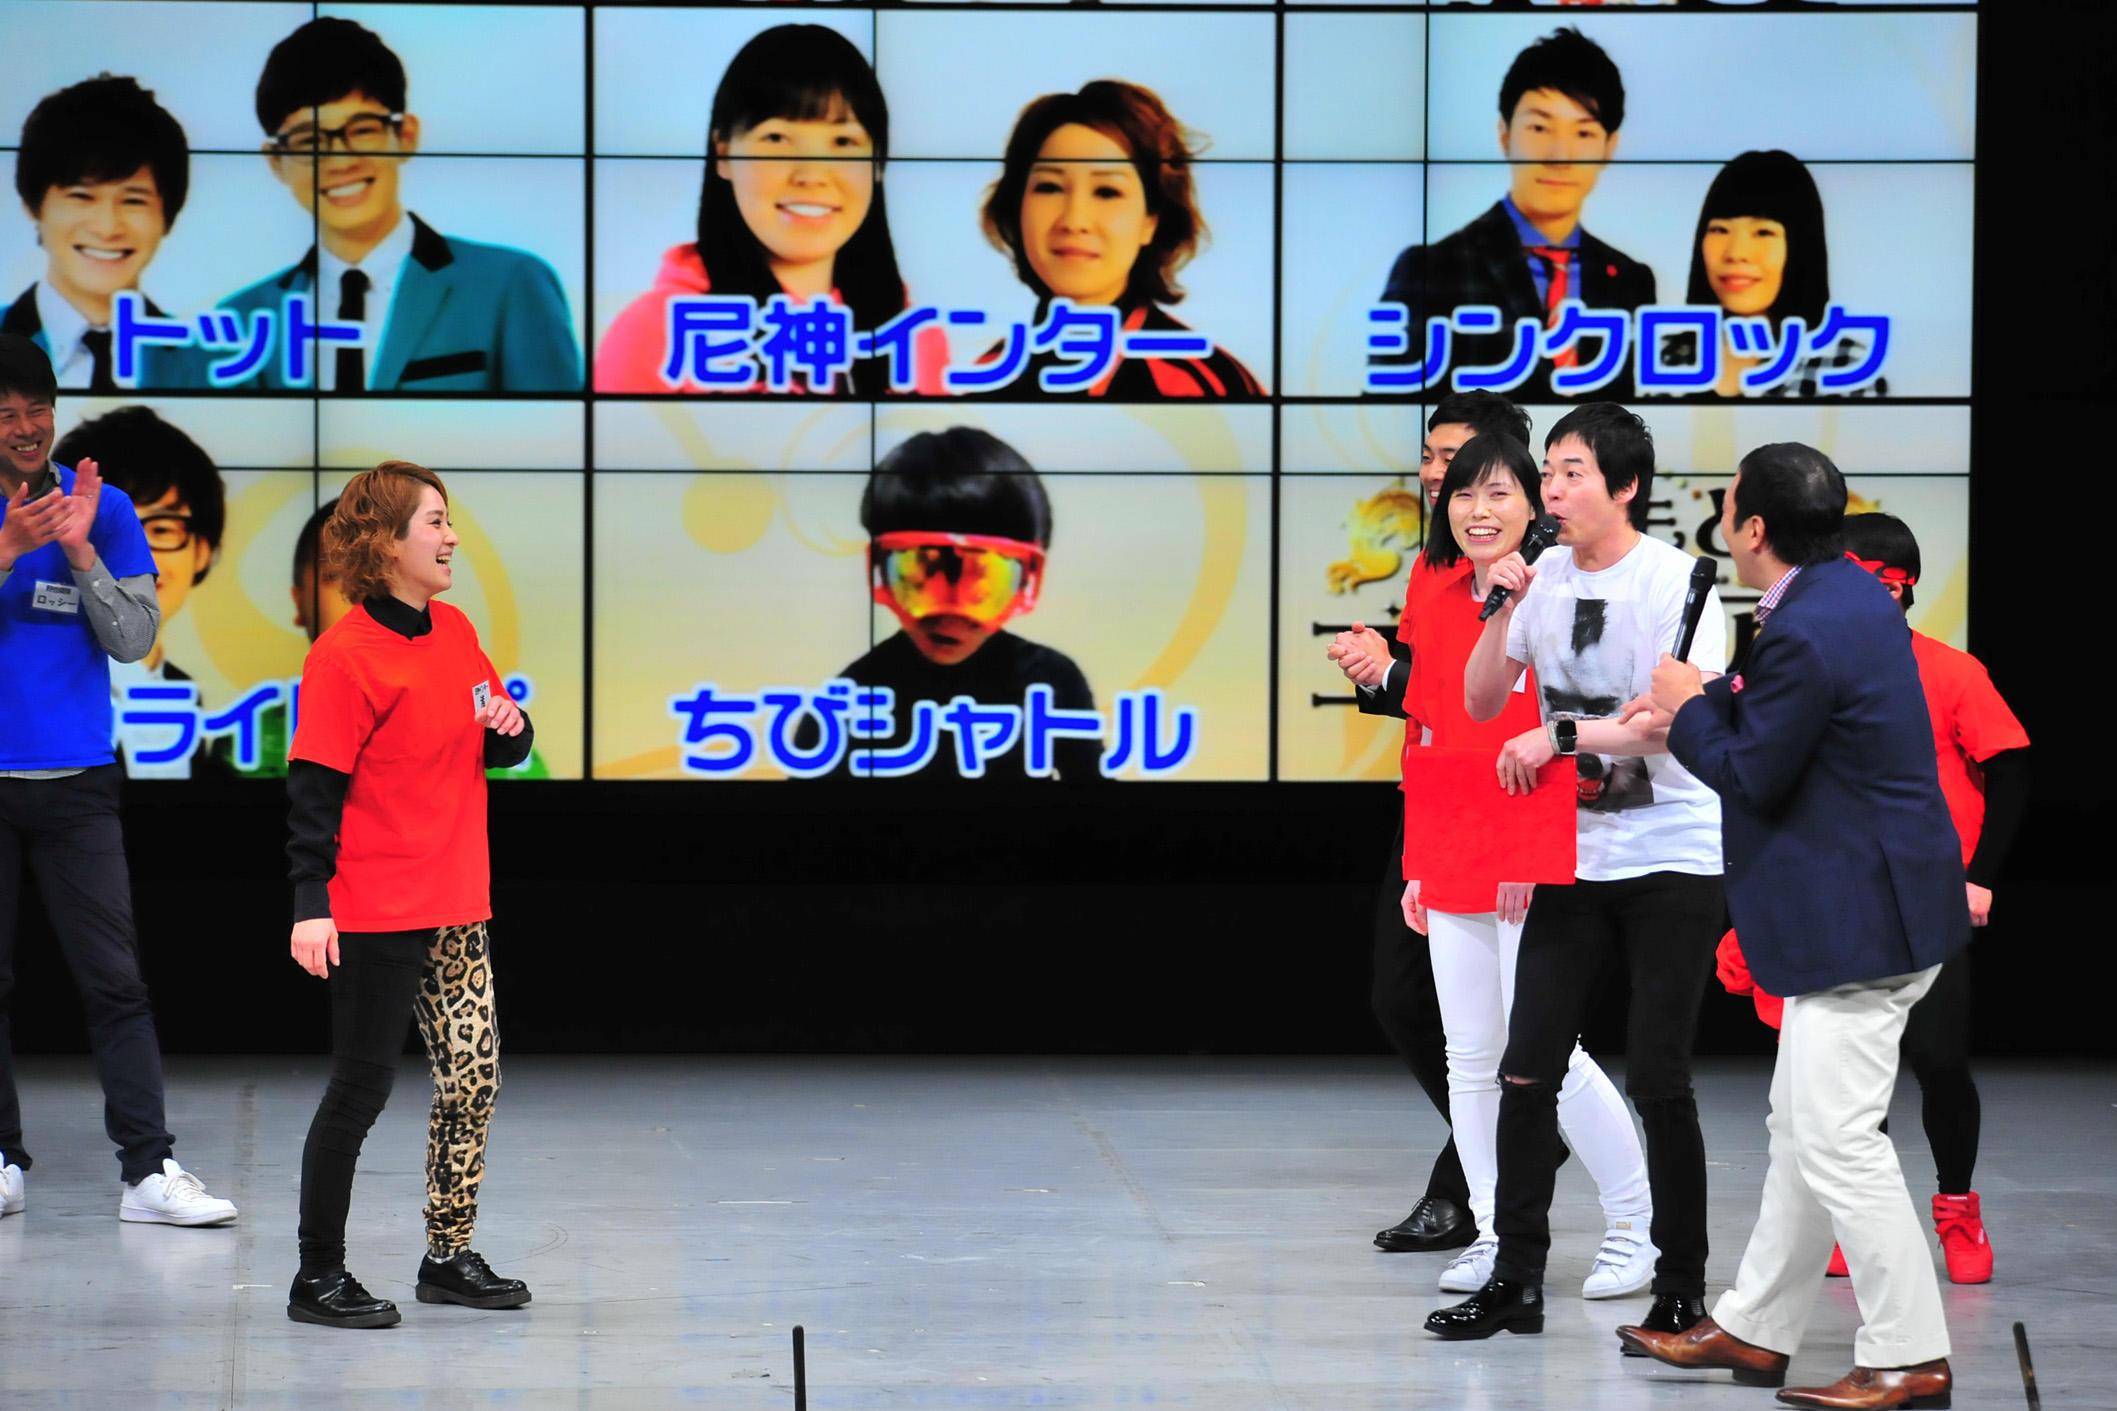 http://news.yoshimoto.co.jp/20160421122954-c9d2a3ee707f28055c03002c5e15d7a4543fb753.jpg